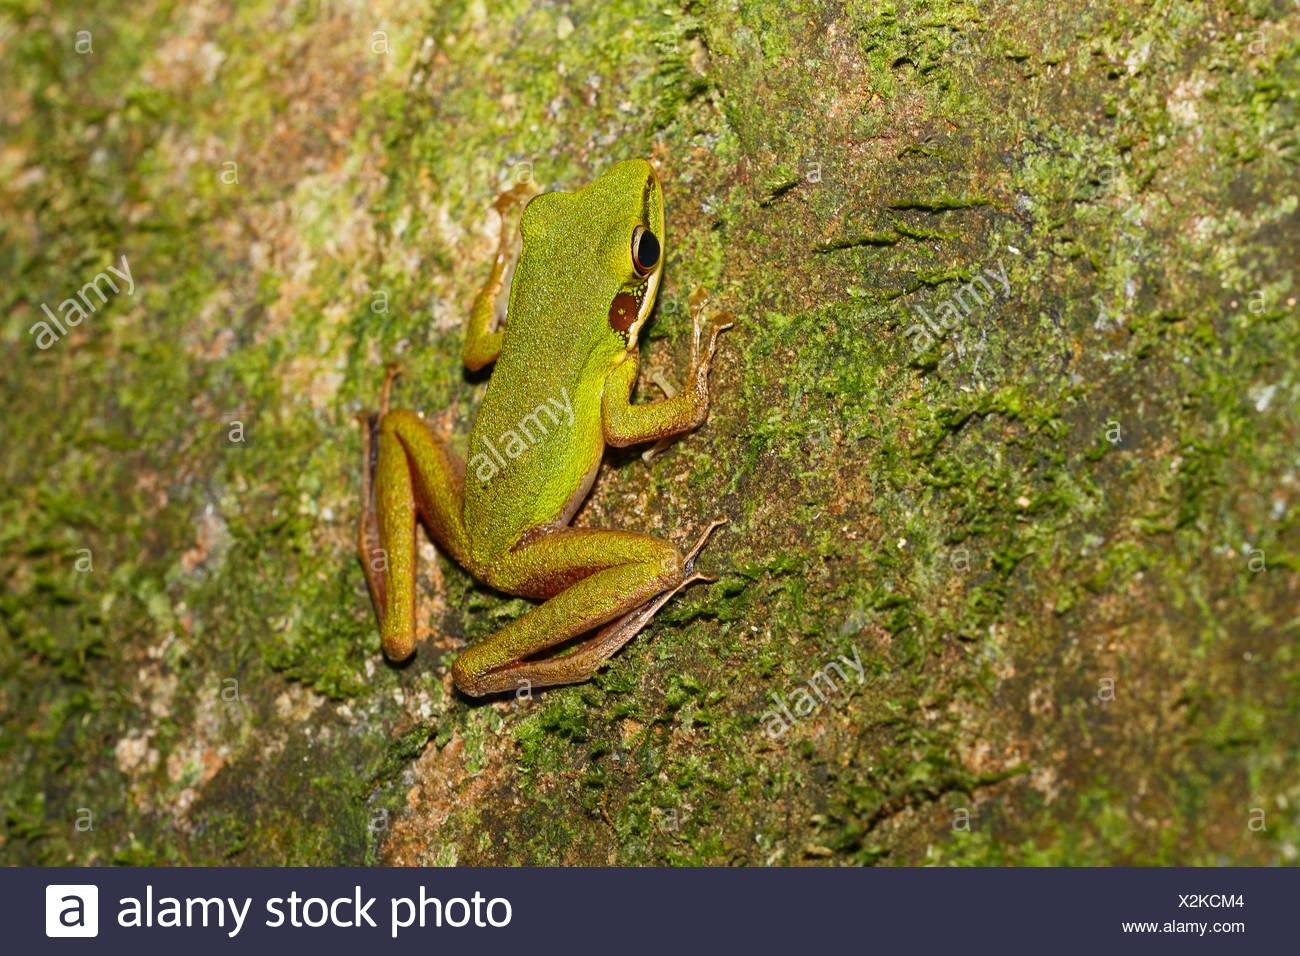 Bianco-rana a labbro (Rana chalconota), vero rana nella foresta pluviale tropicale, Sarawak, Borneo, Malaysia Immagini Stock